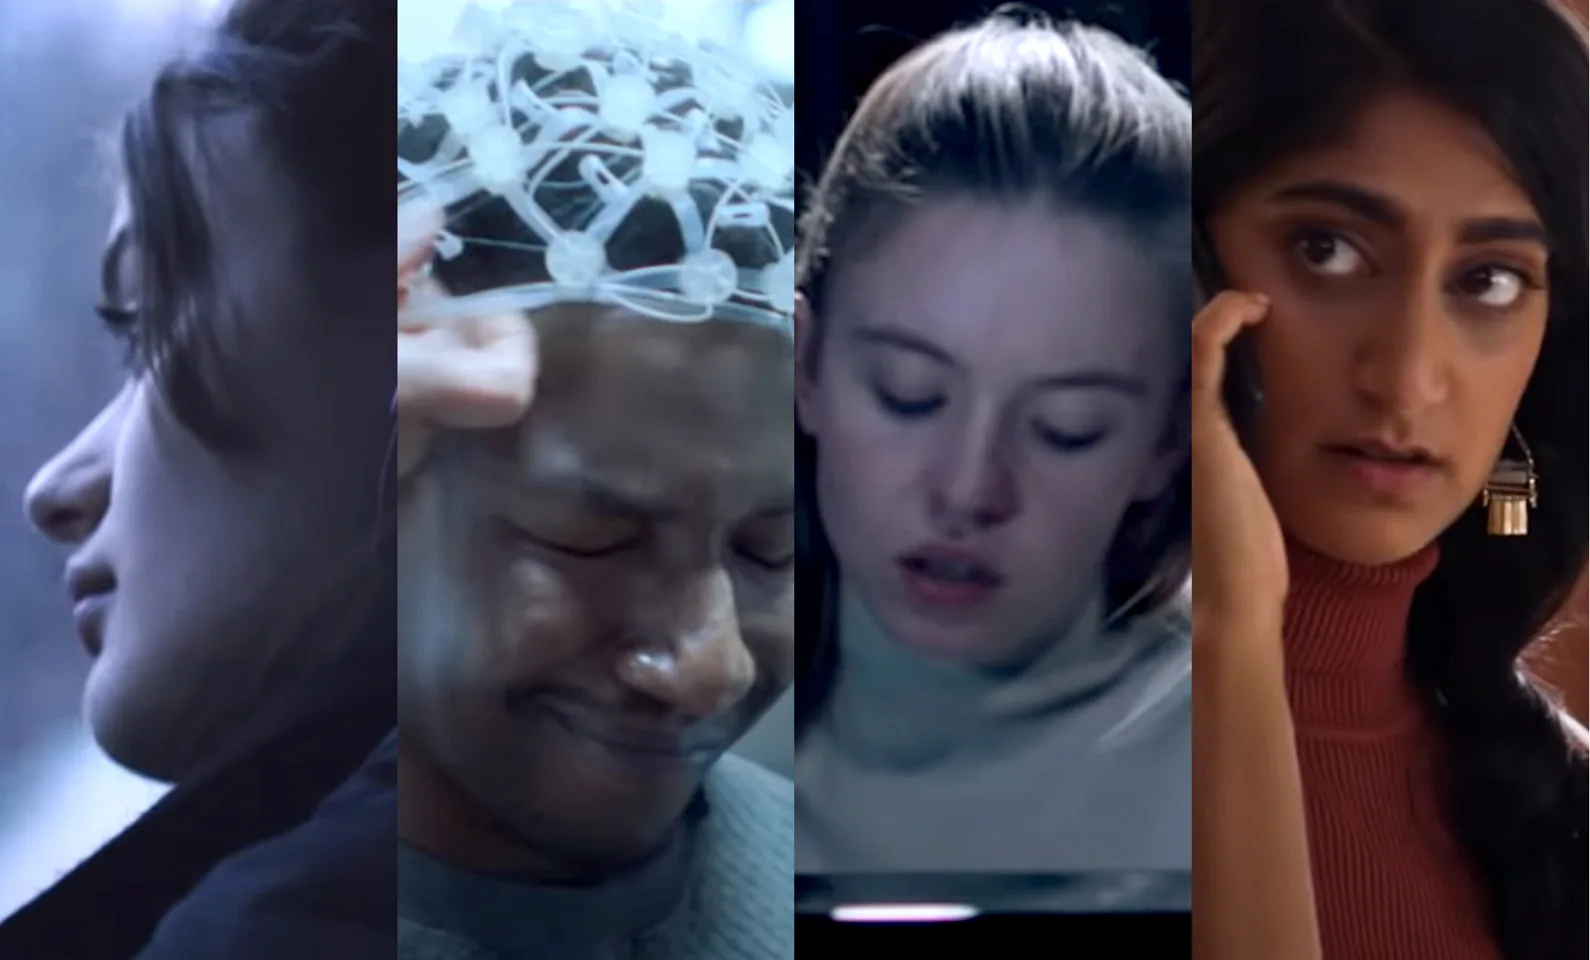 La antología Welcome to the Blumhouse lanza tráilers de sus 4 películas de terror con Amazon Prime Video